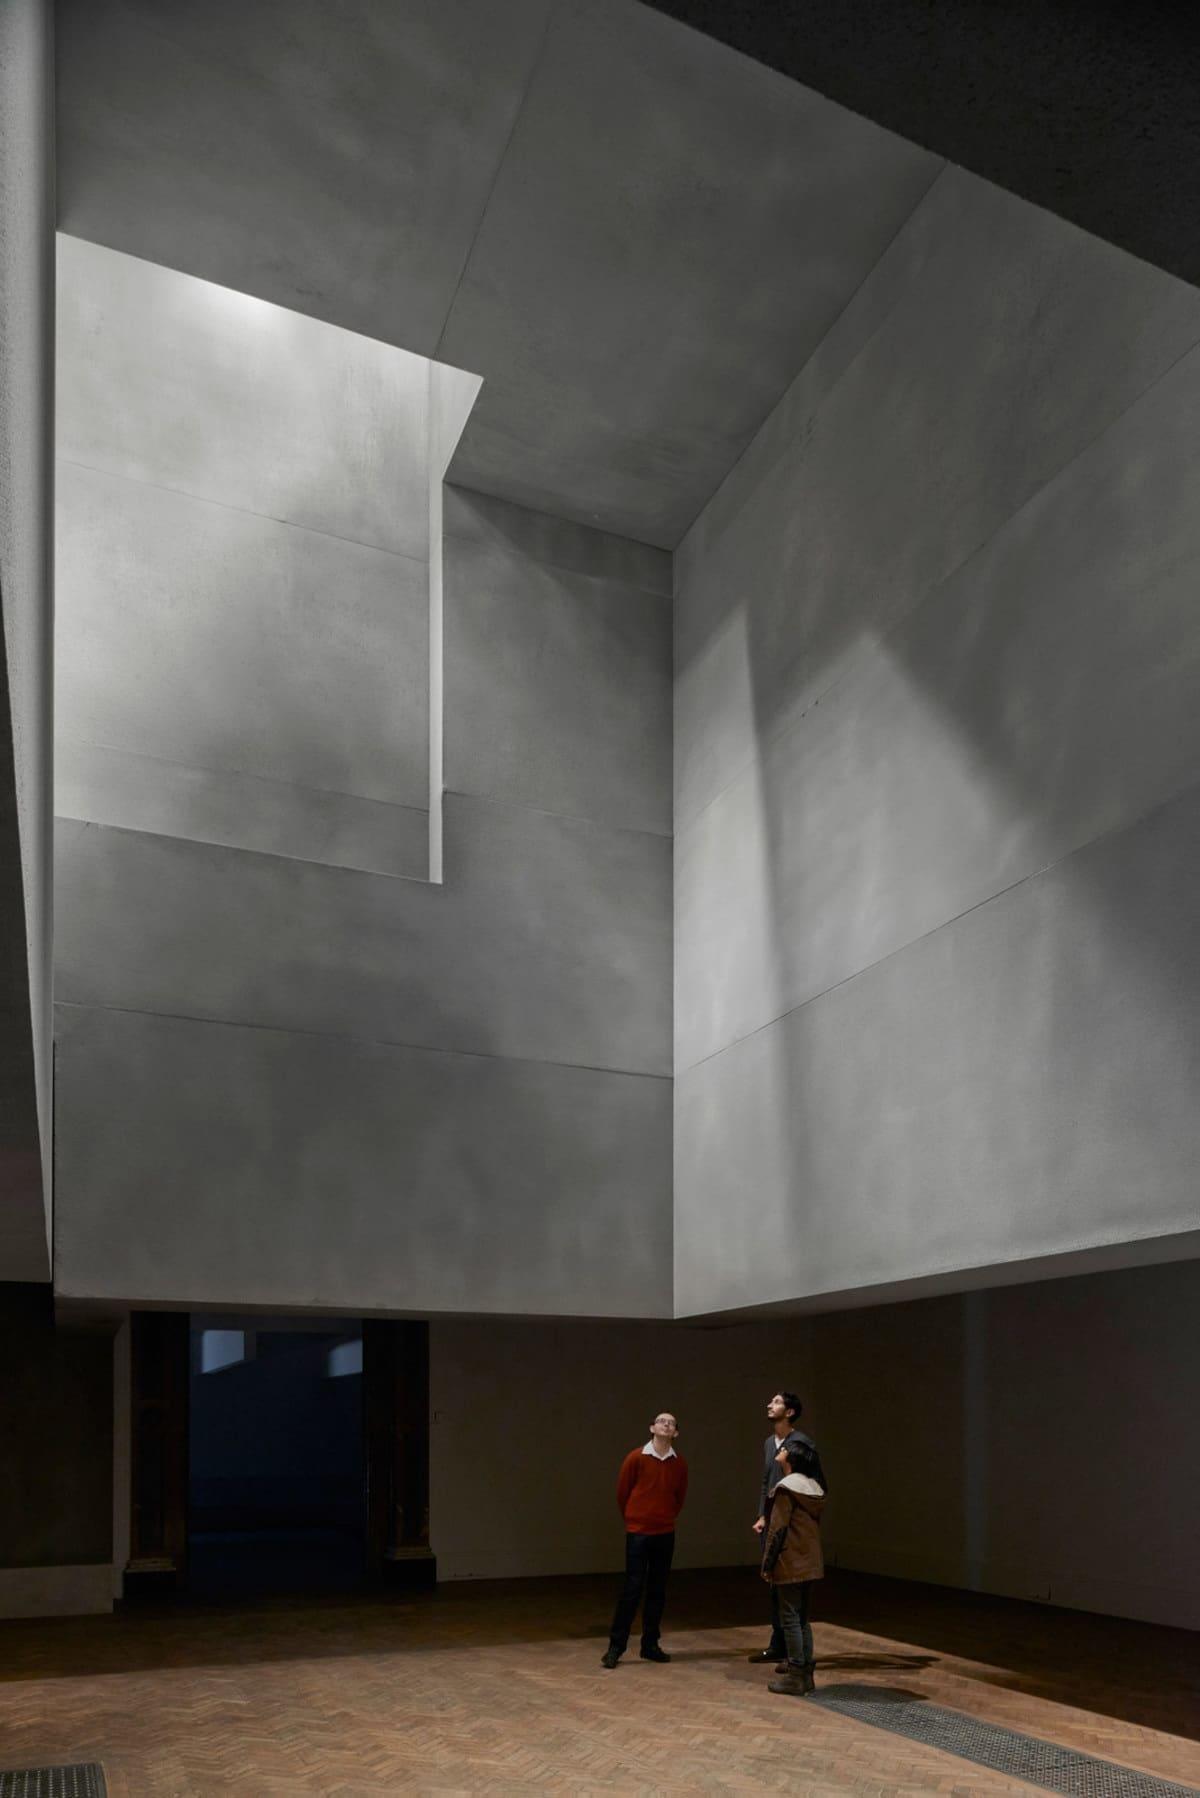 la luz y la arquitectura